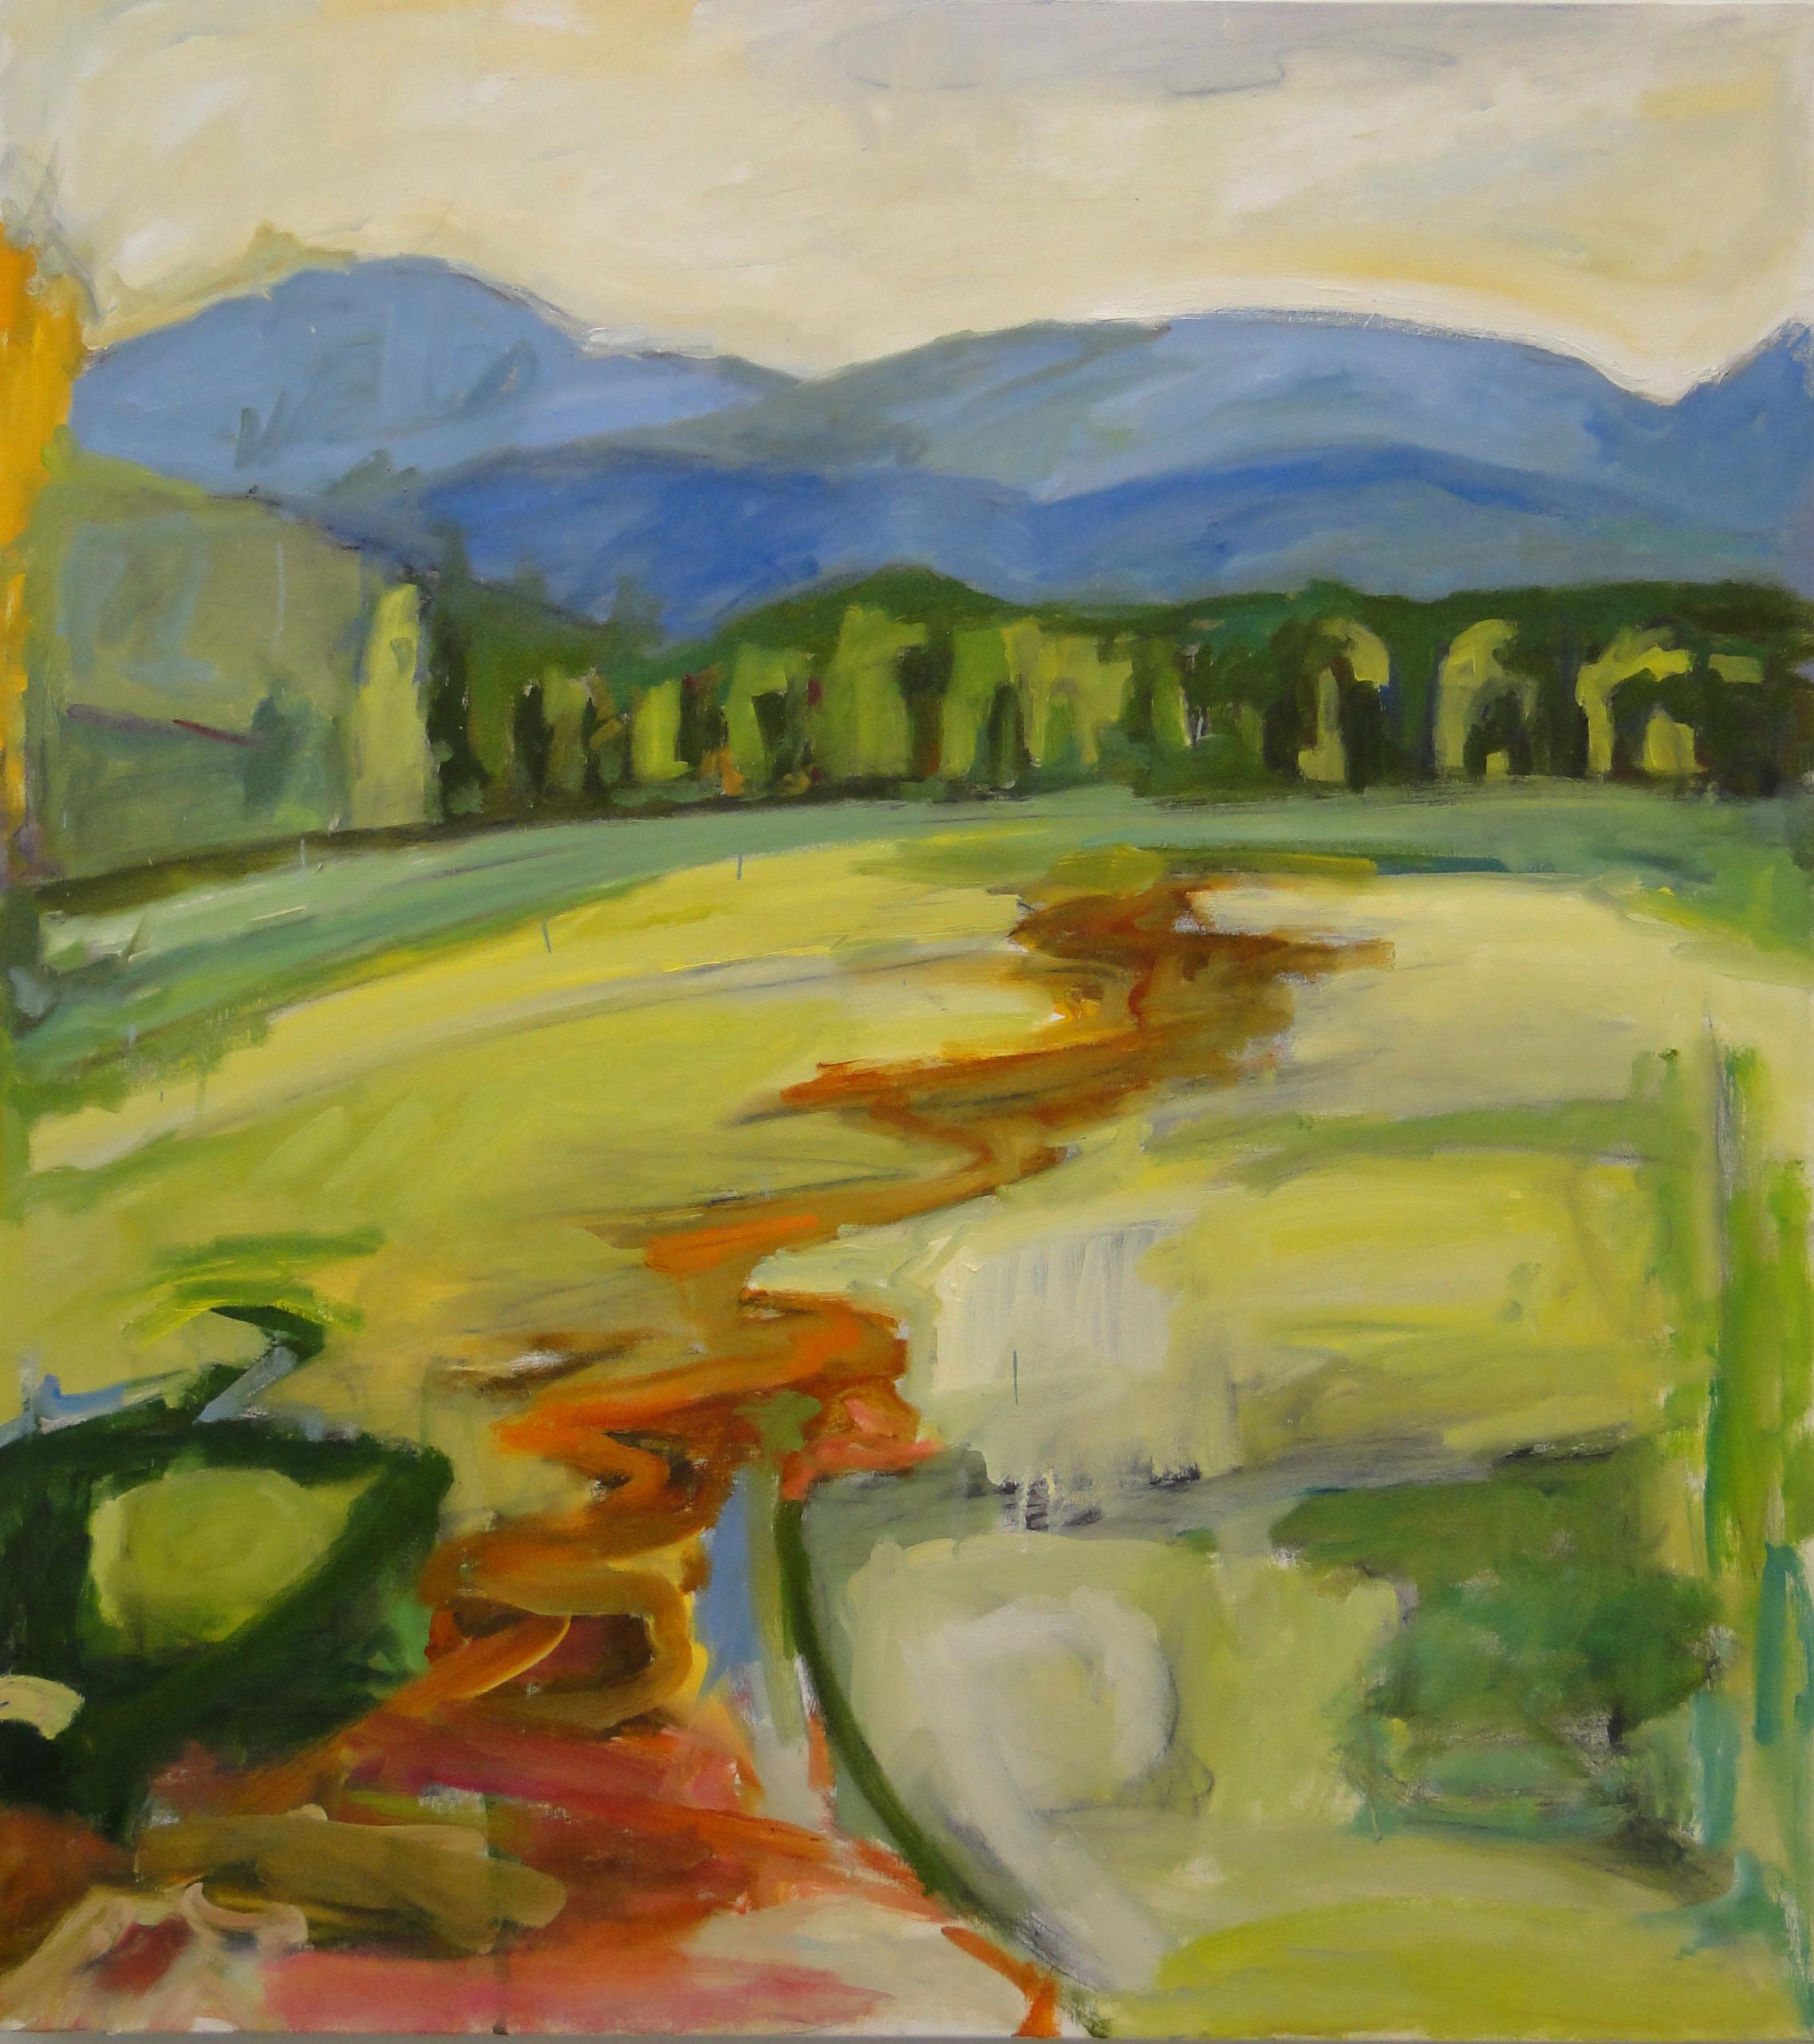 Running Through Vermont, 42 x 38, oil on canvas